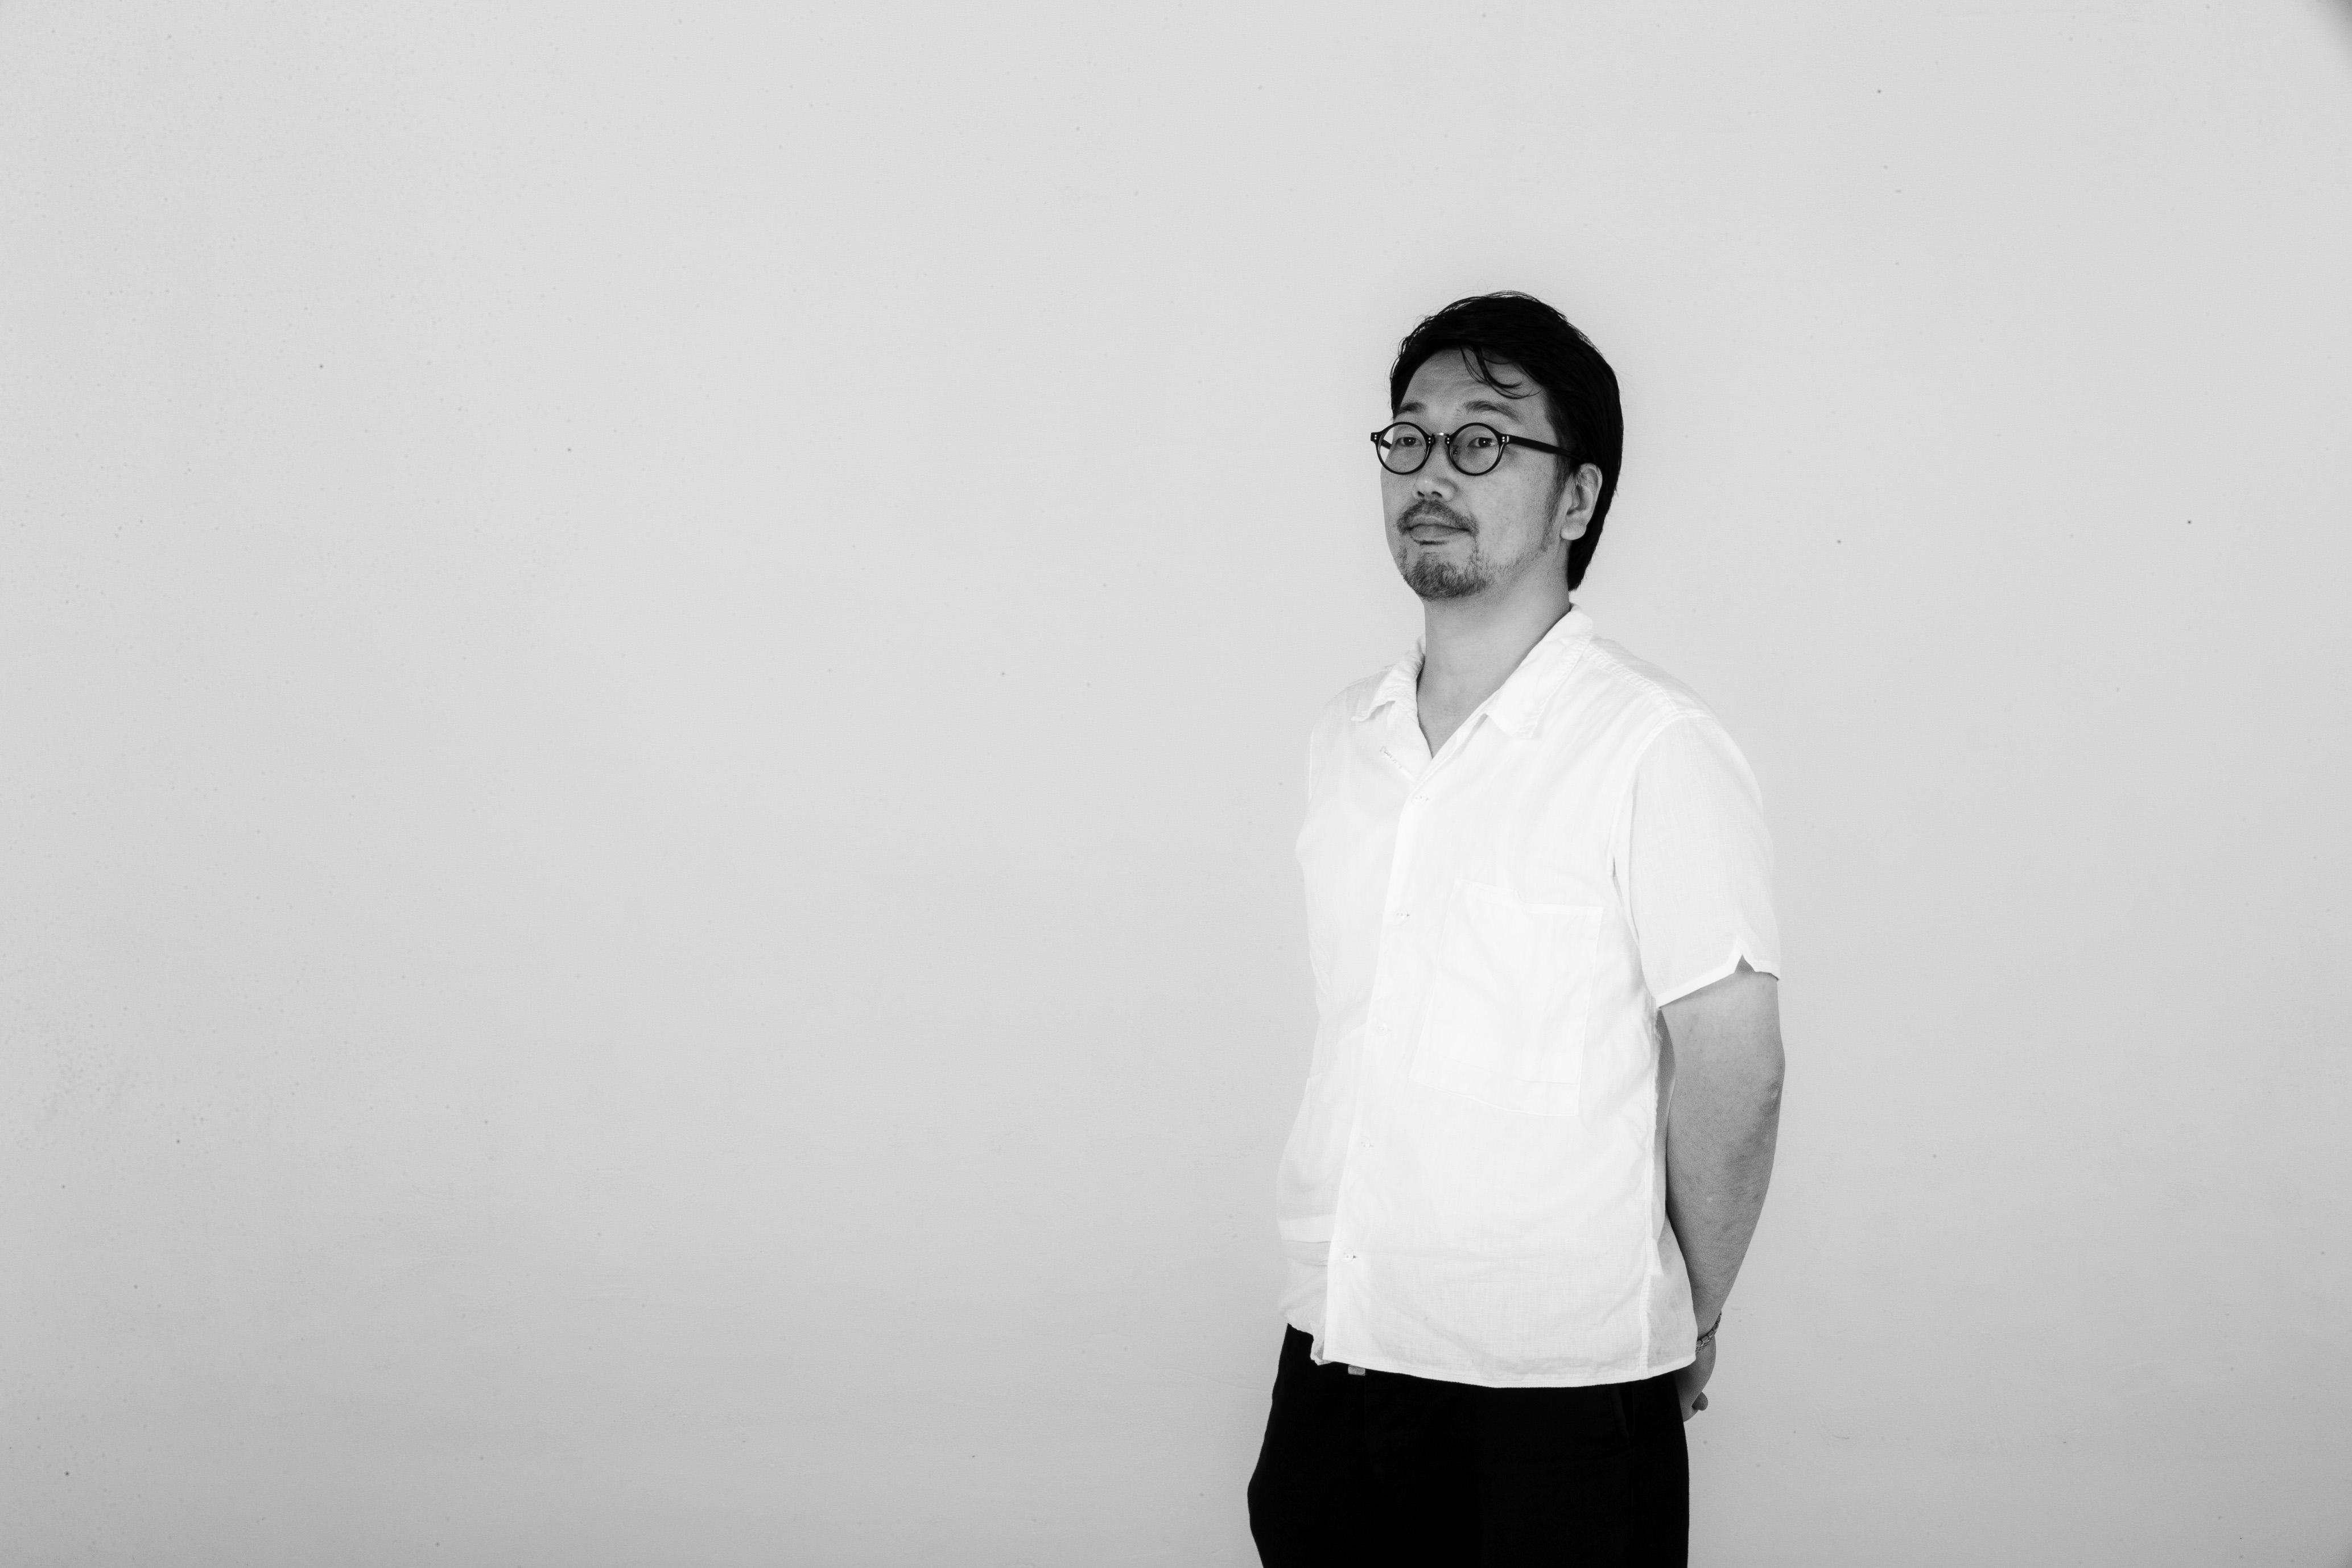 Shinichi Kurita